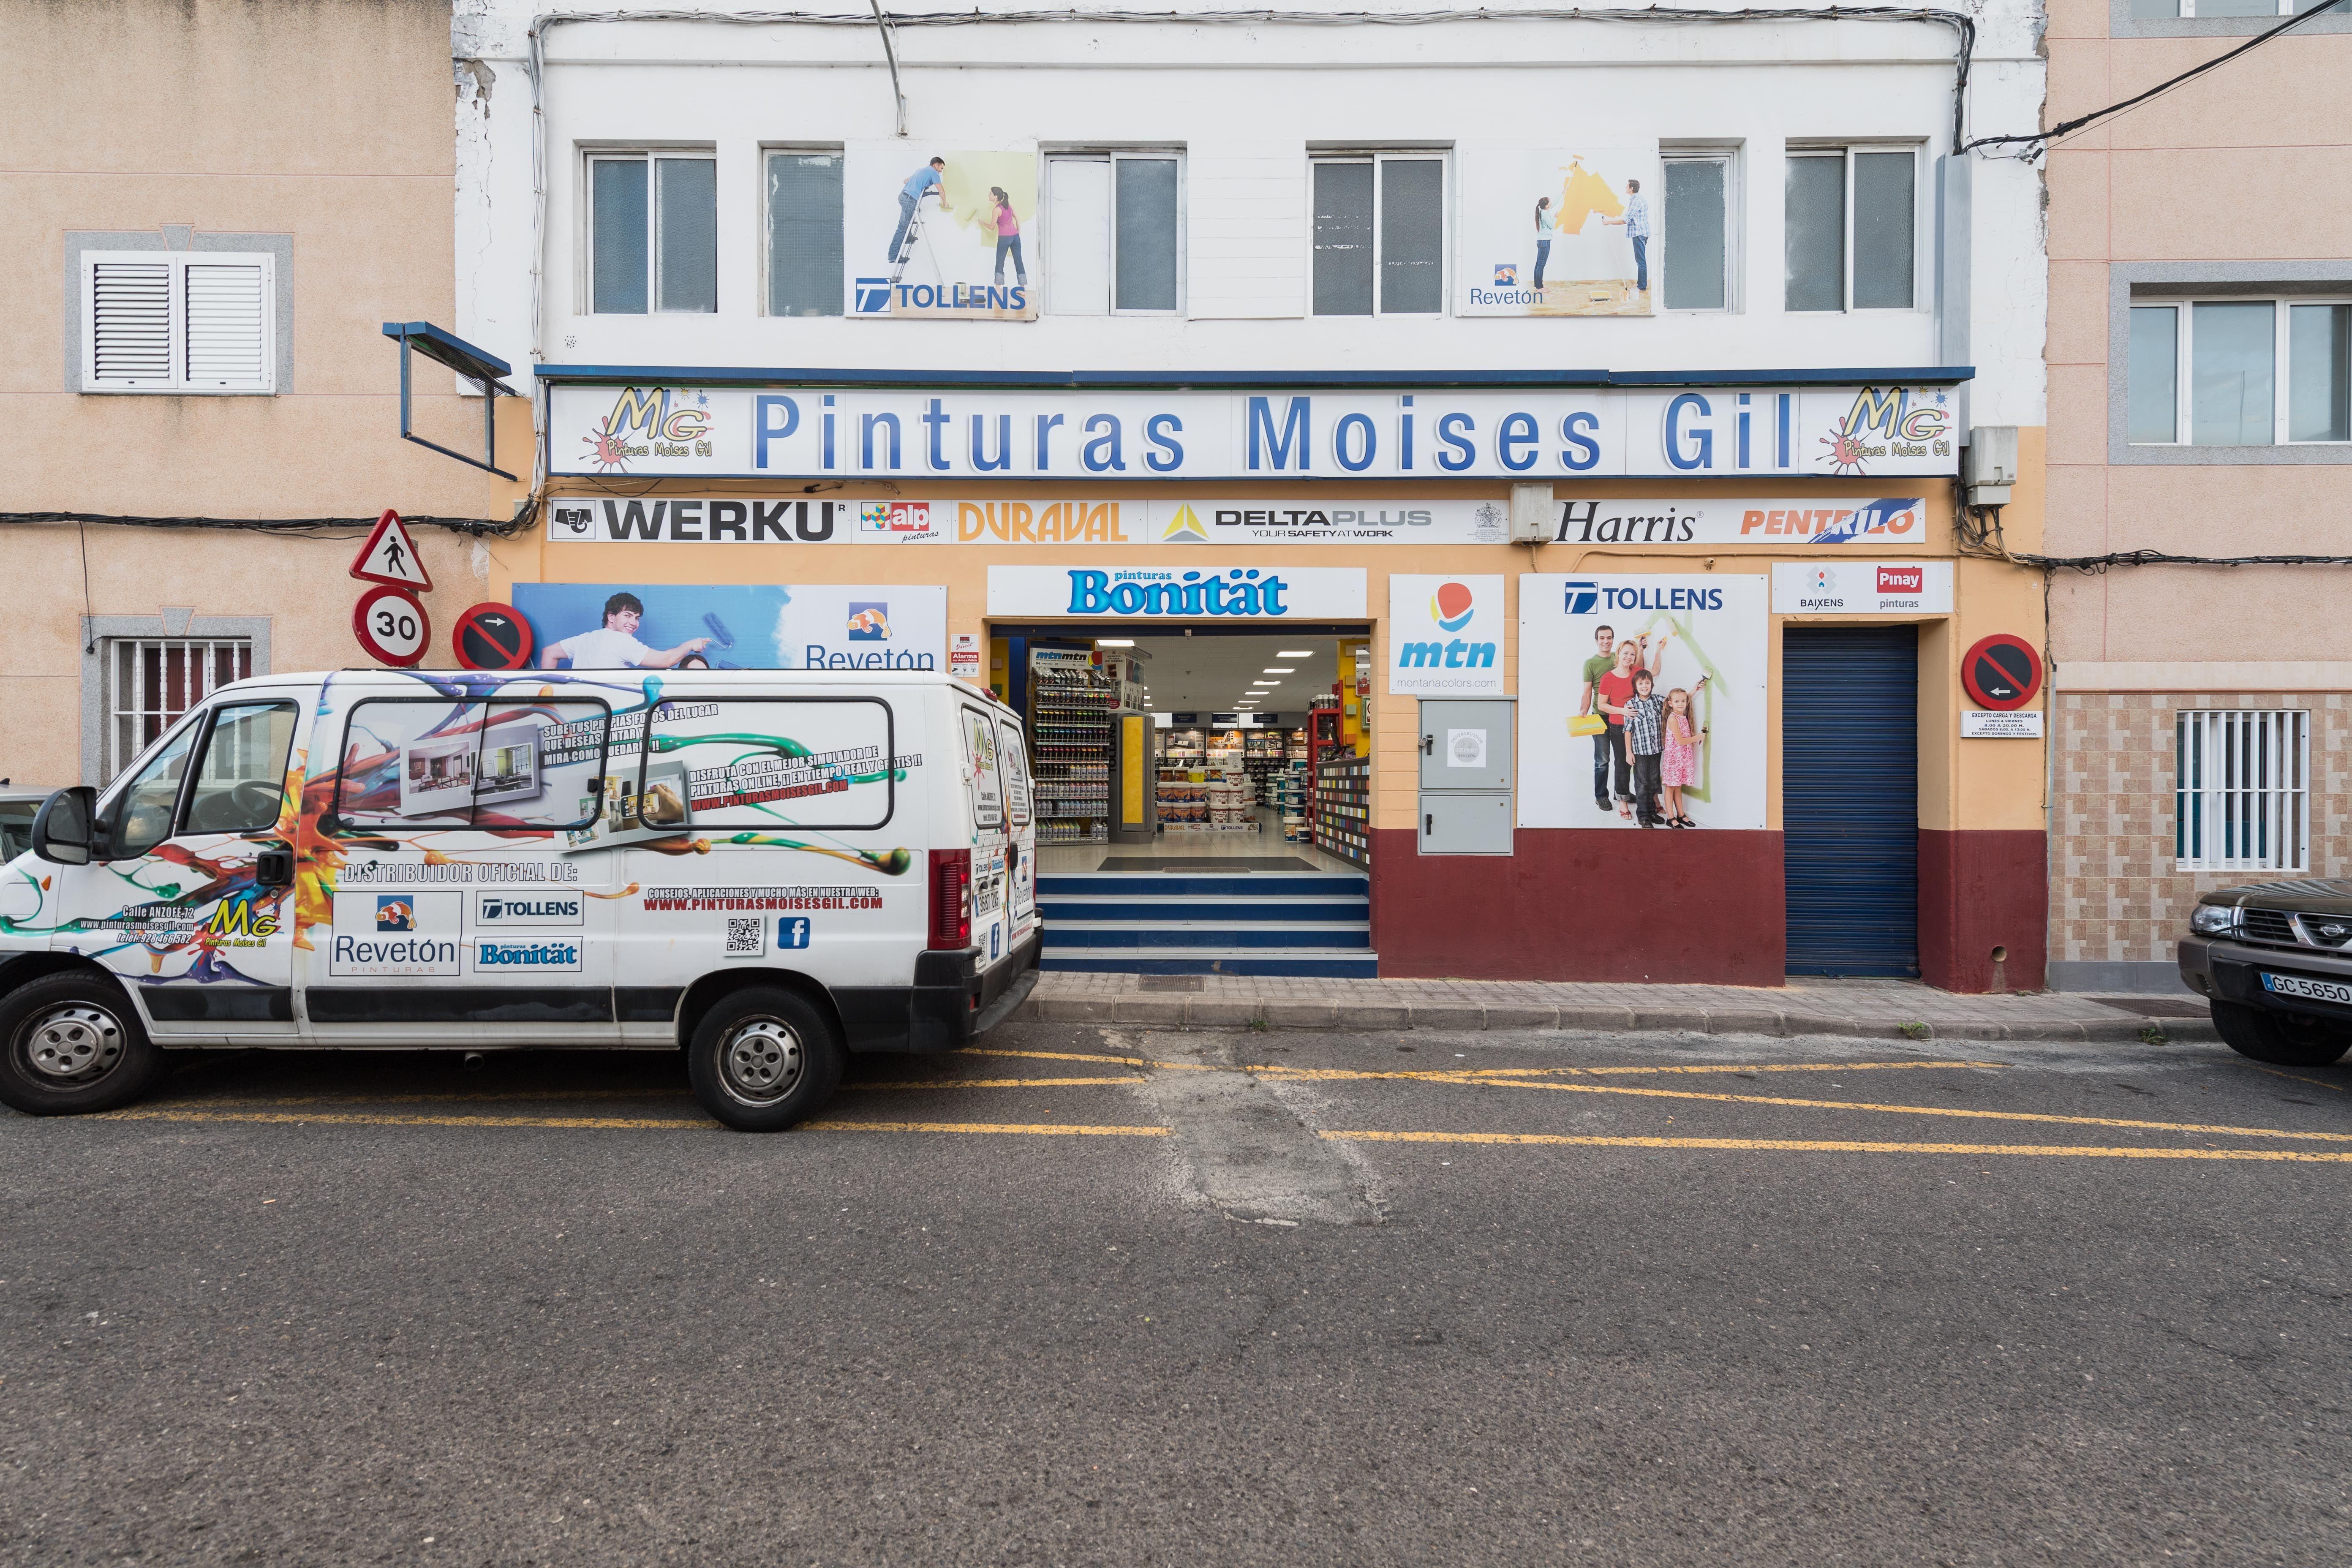 Pinturas de calidad para exteriores e interiores en Aruca